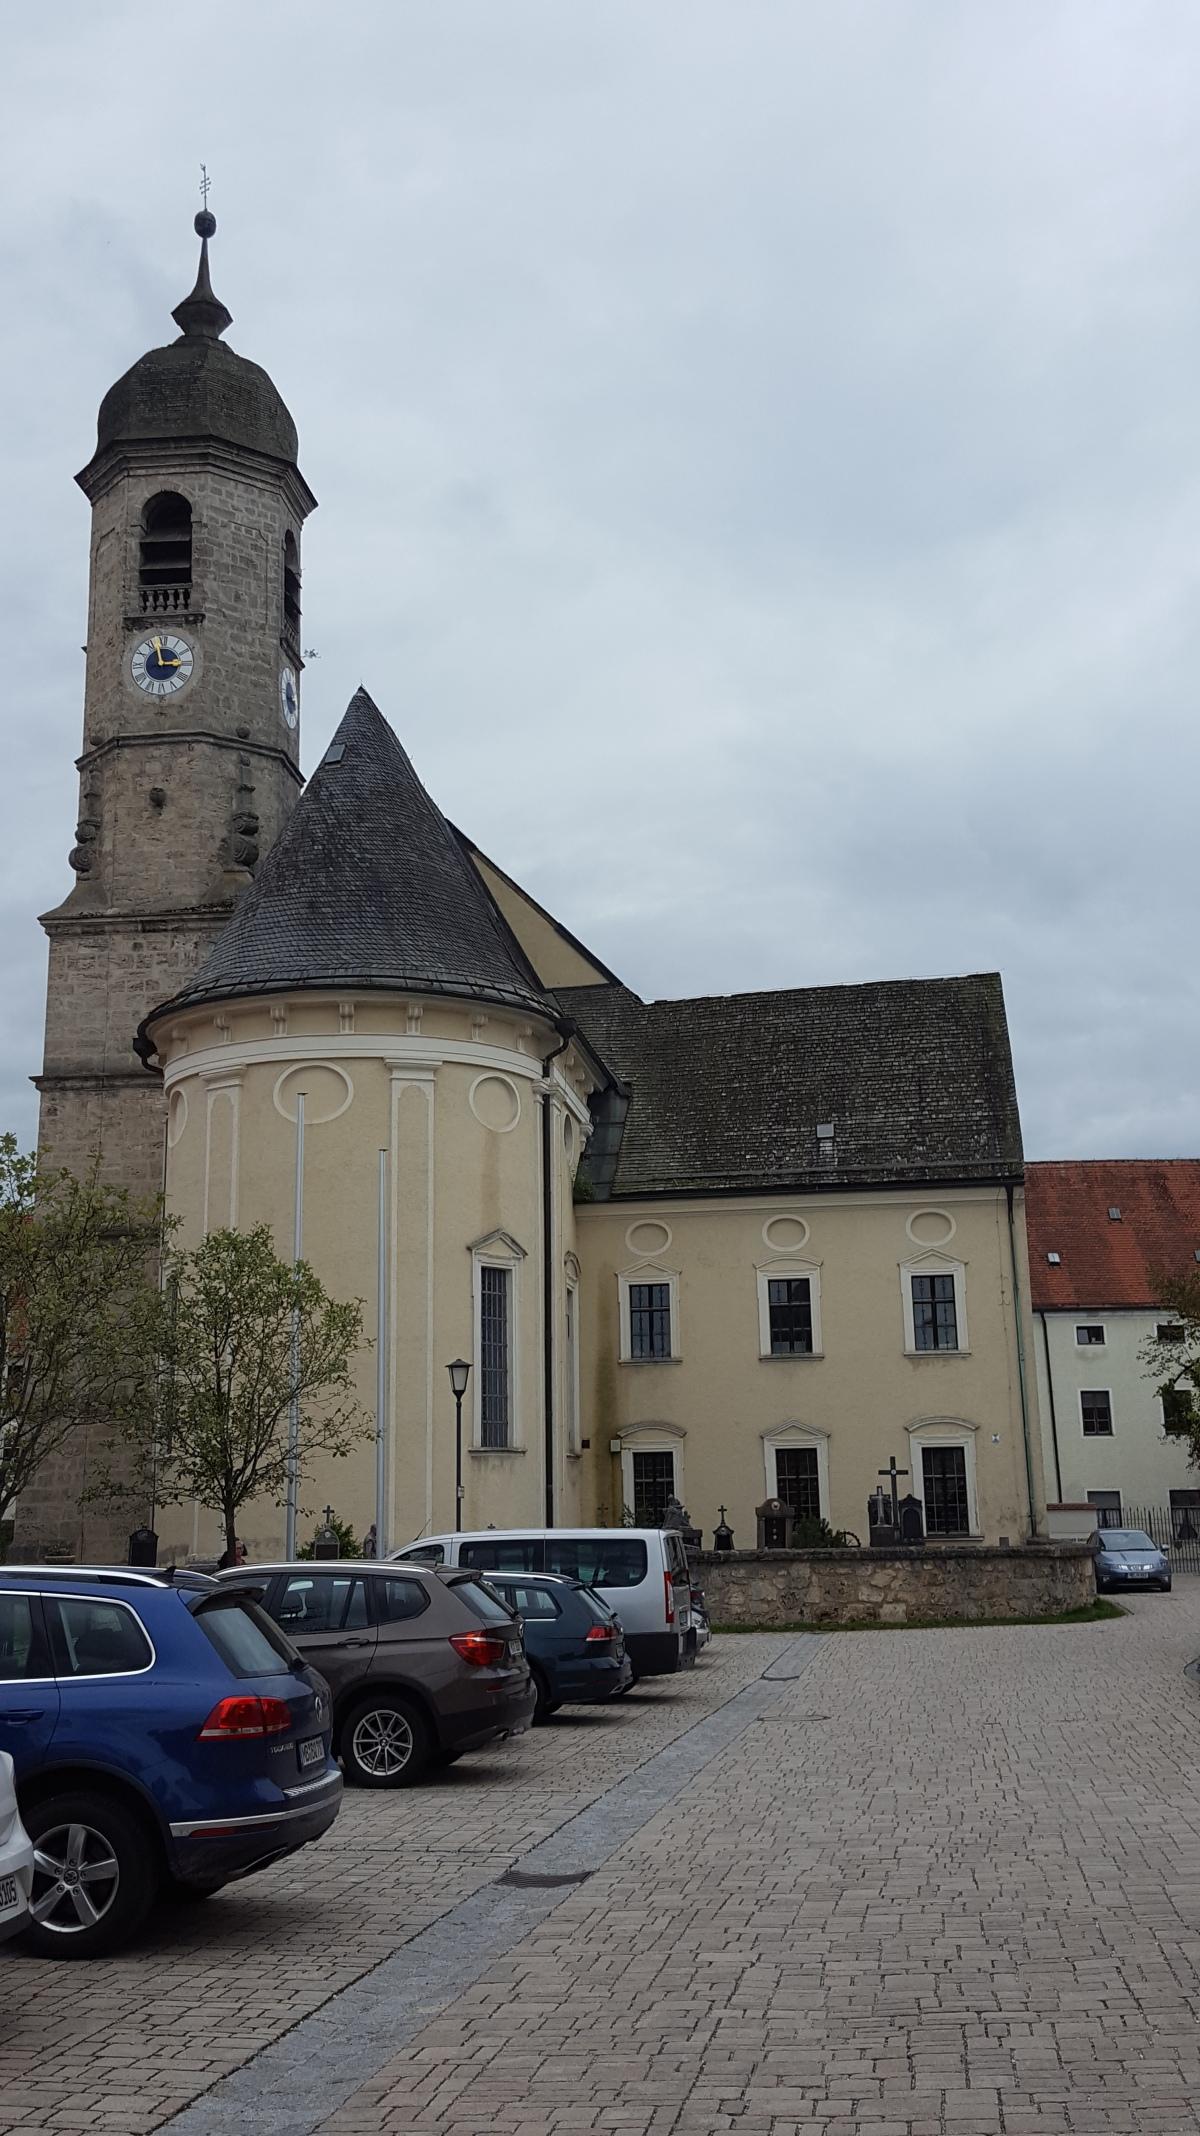 Weyarn in Bayern/Bavaria